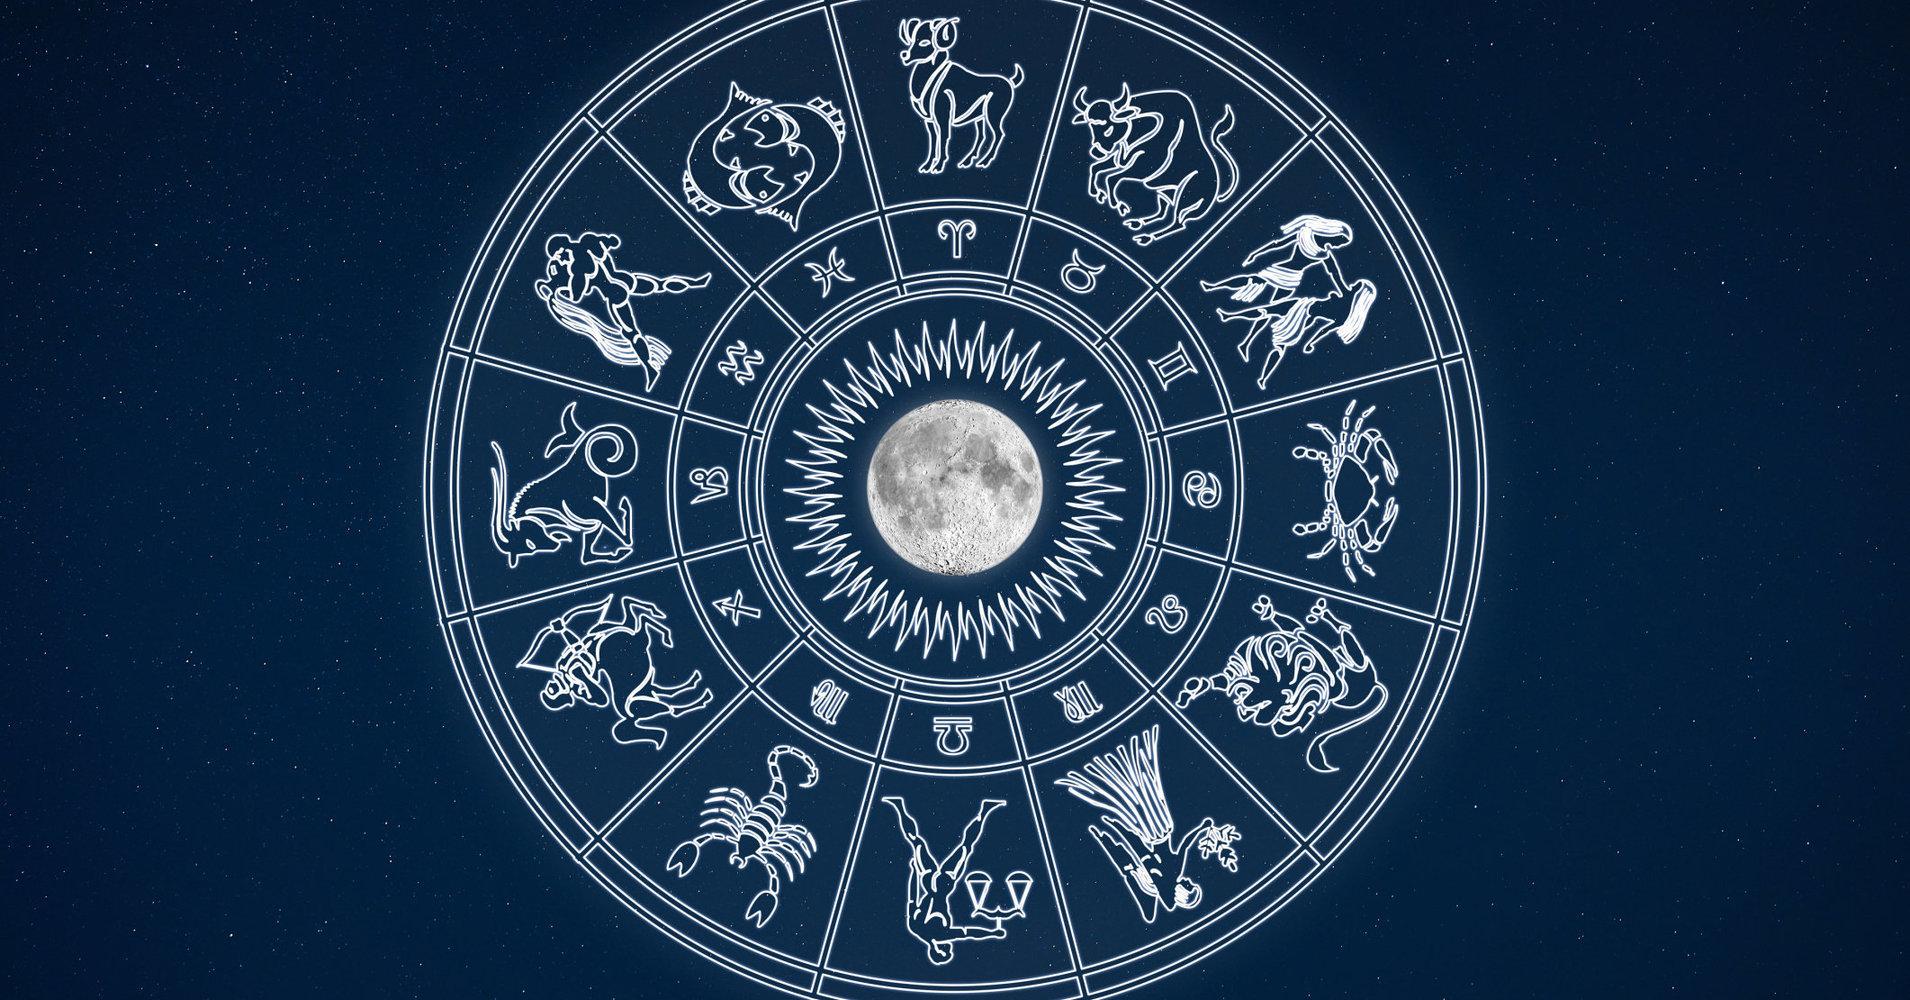 Прогноз на 2012 год по знакам зодиака | гороскопы для вас